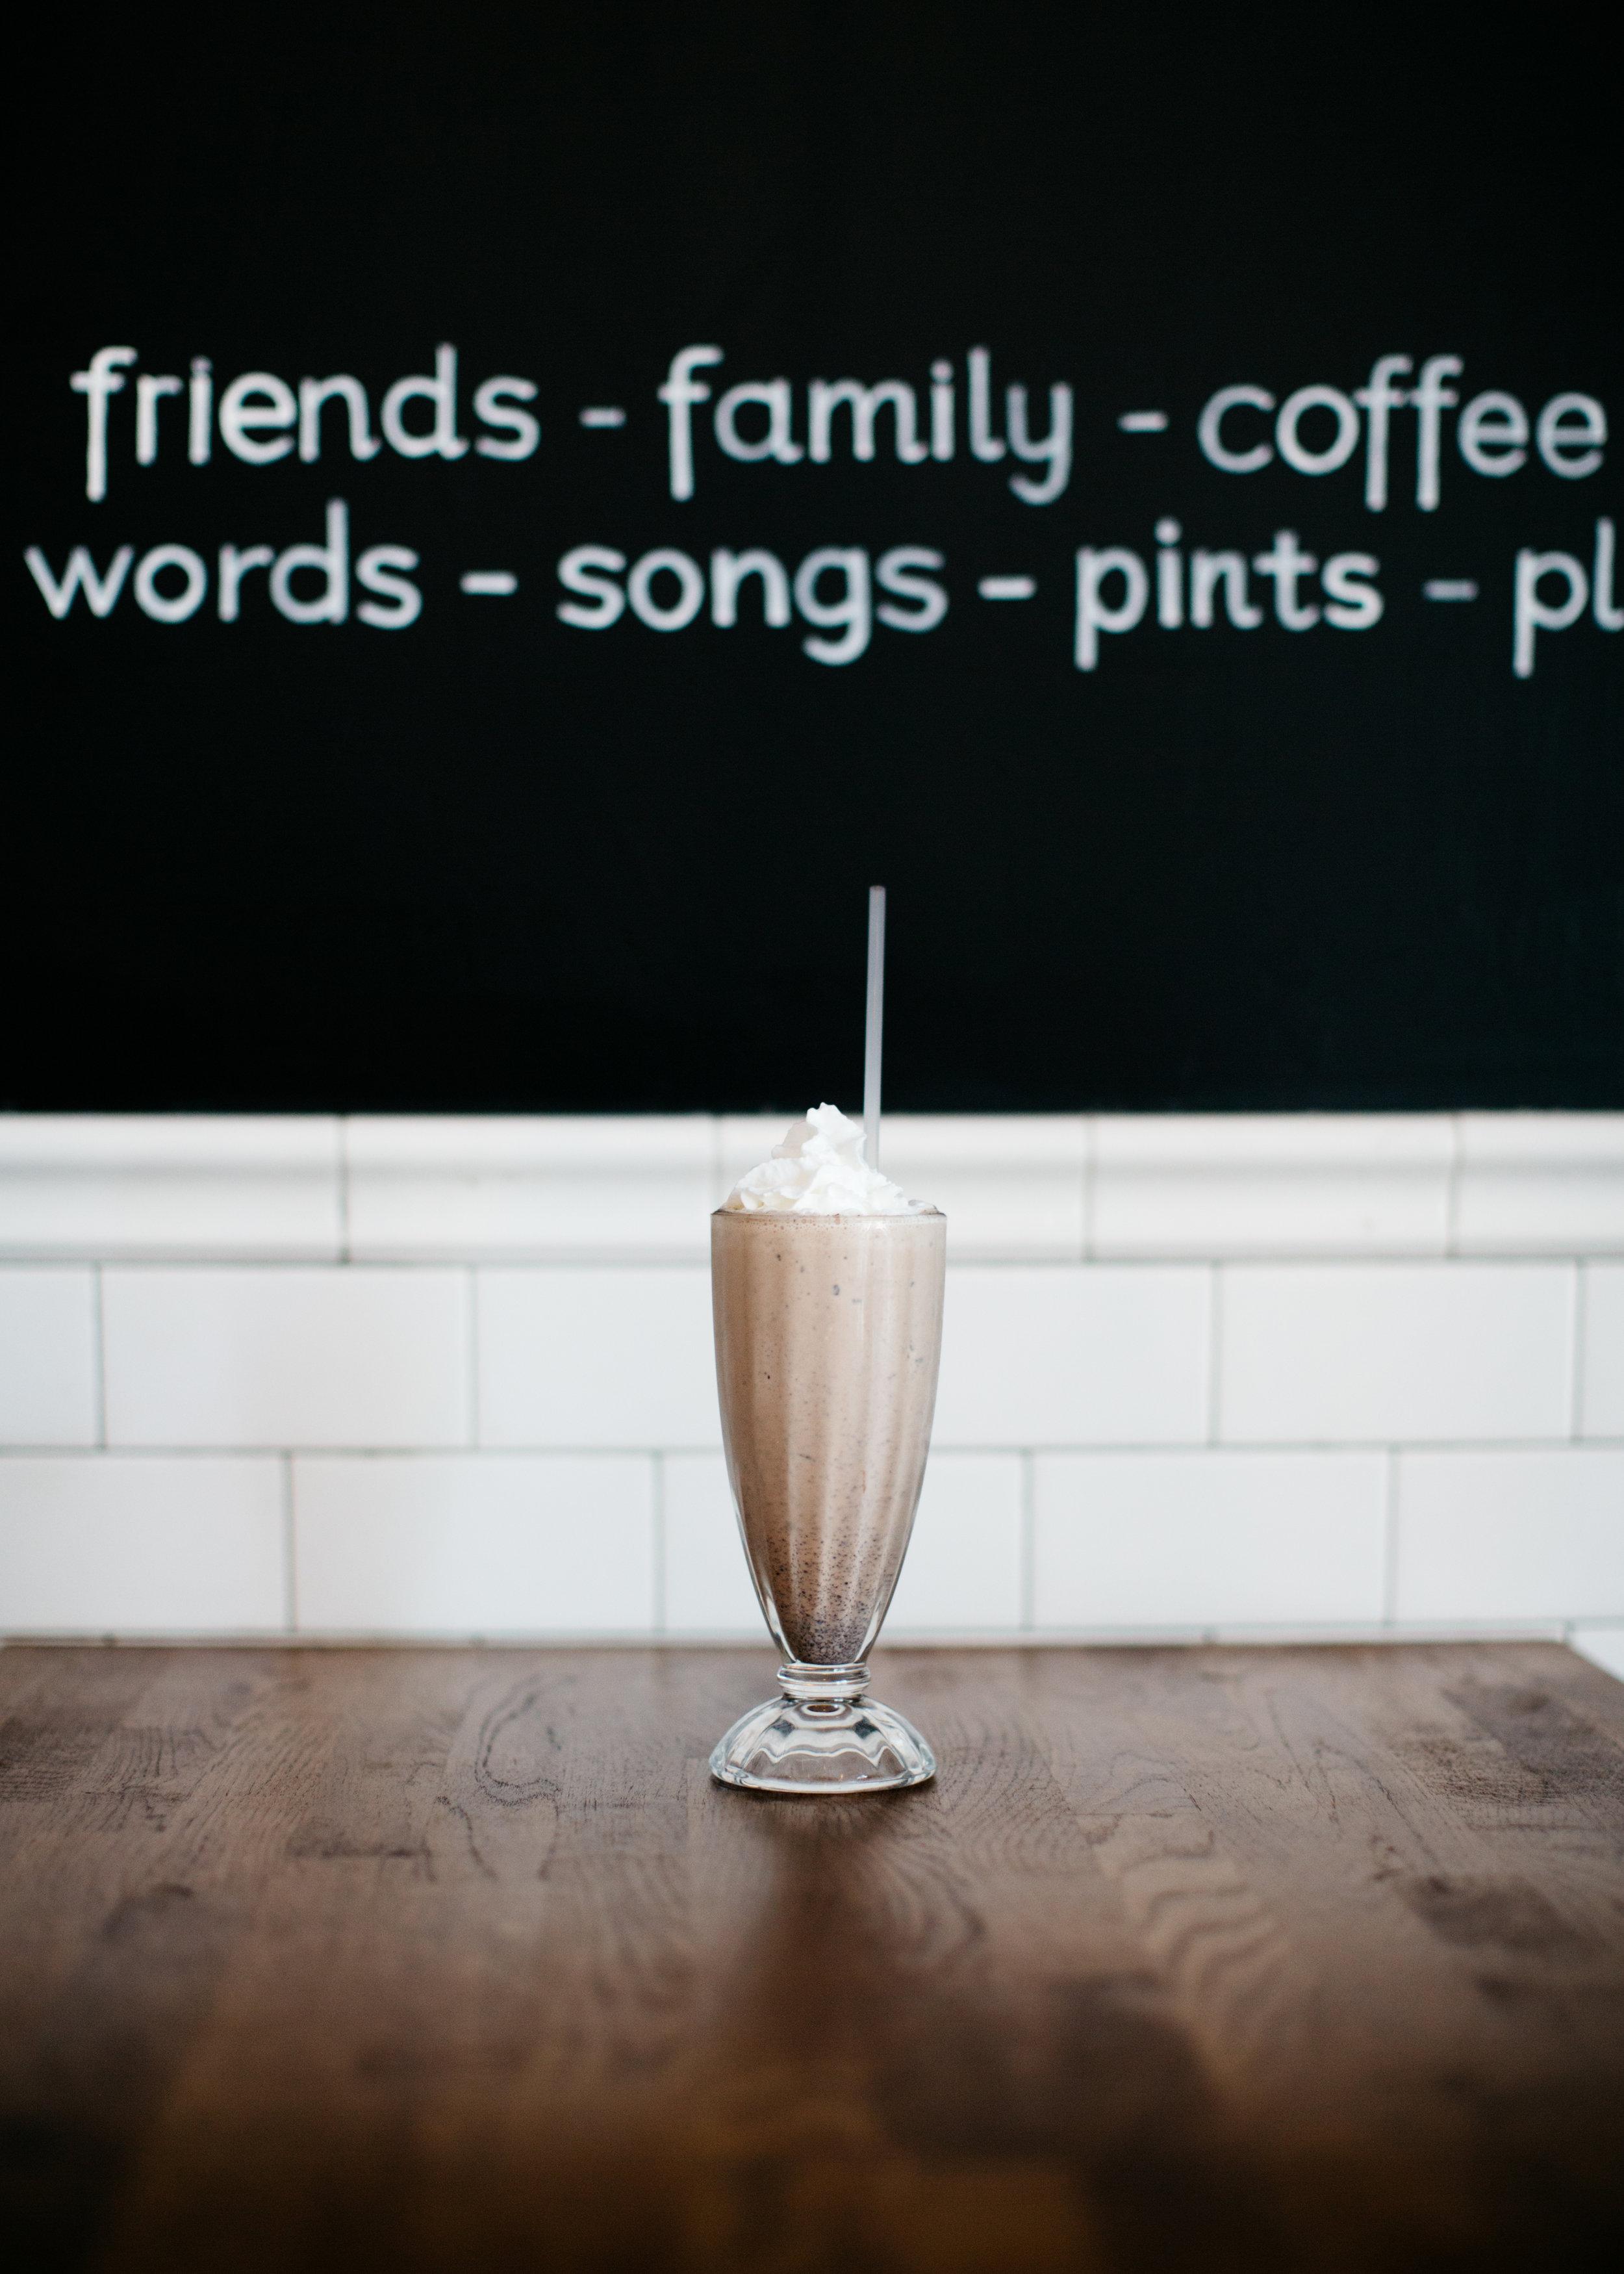 coffee-colorado-springs-34.jpg